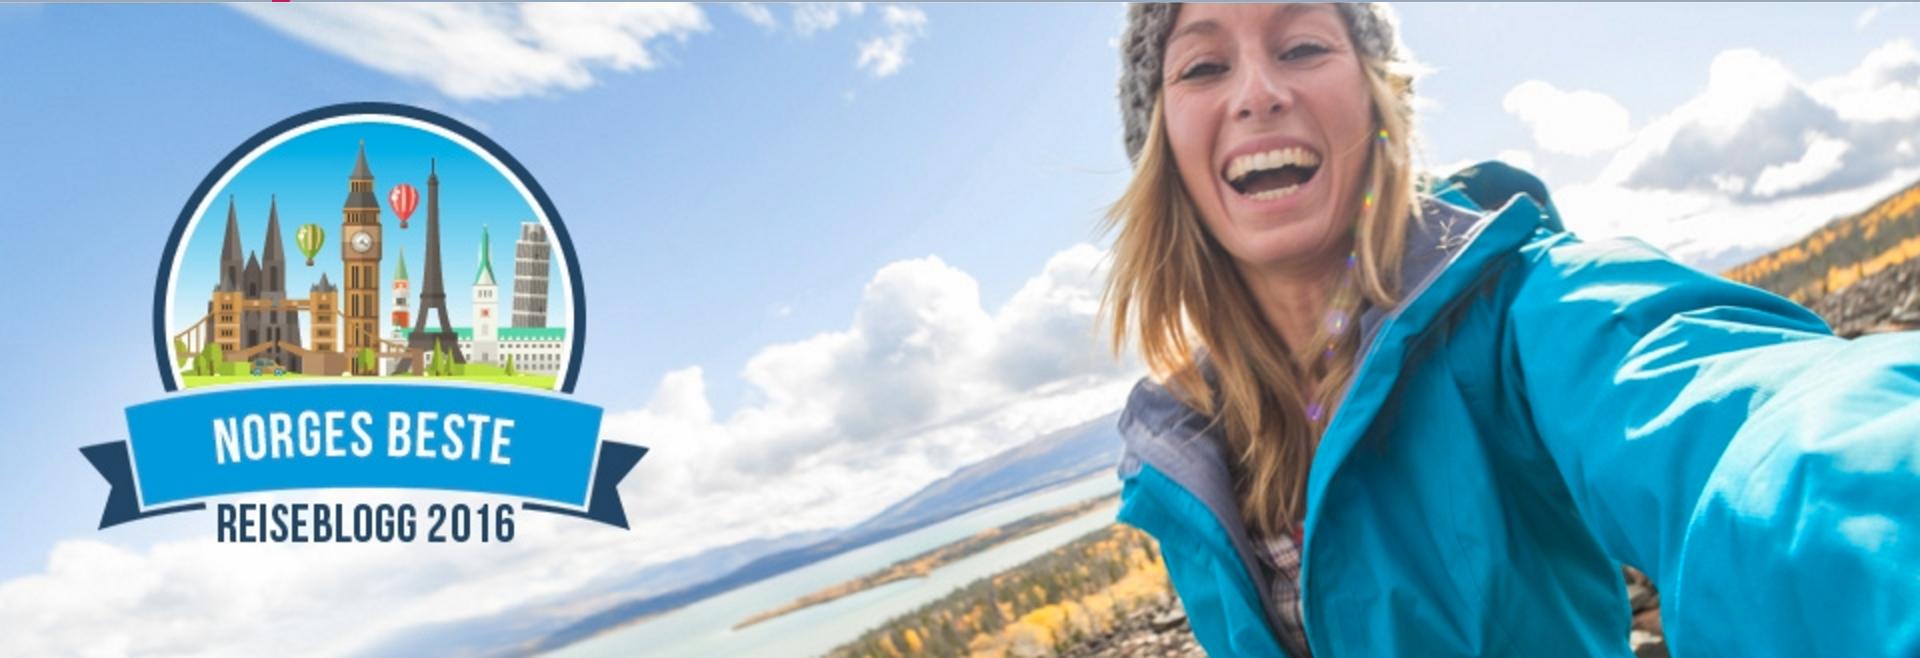 Hamacareise kåret til Norges beste reiseblogg 2016